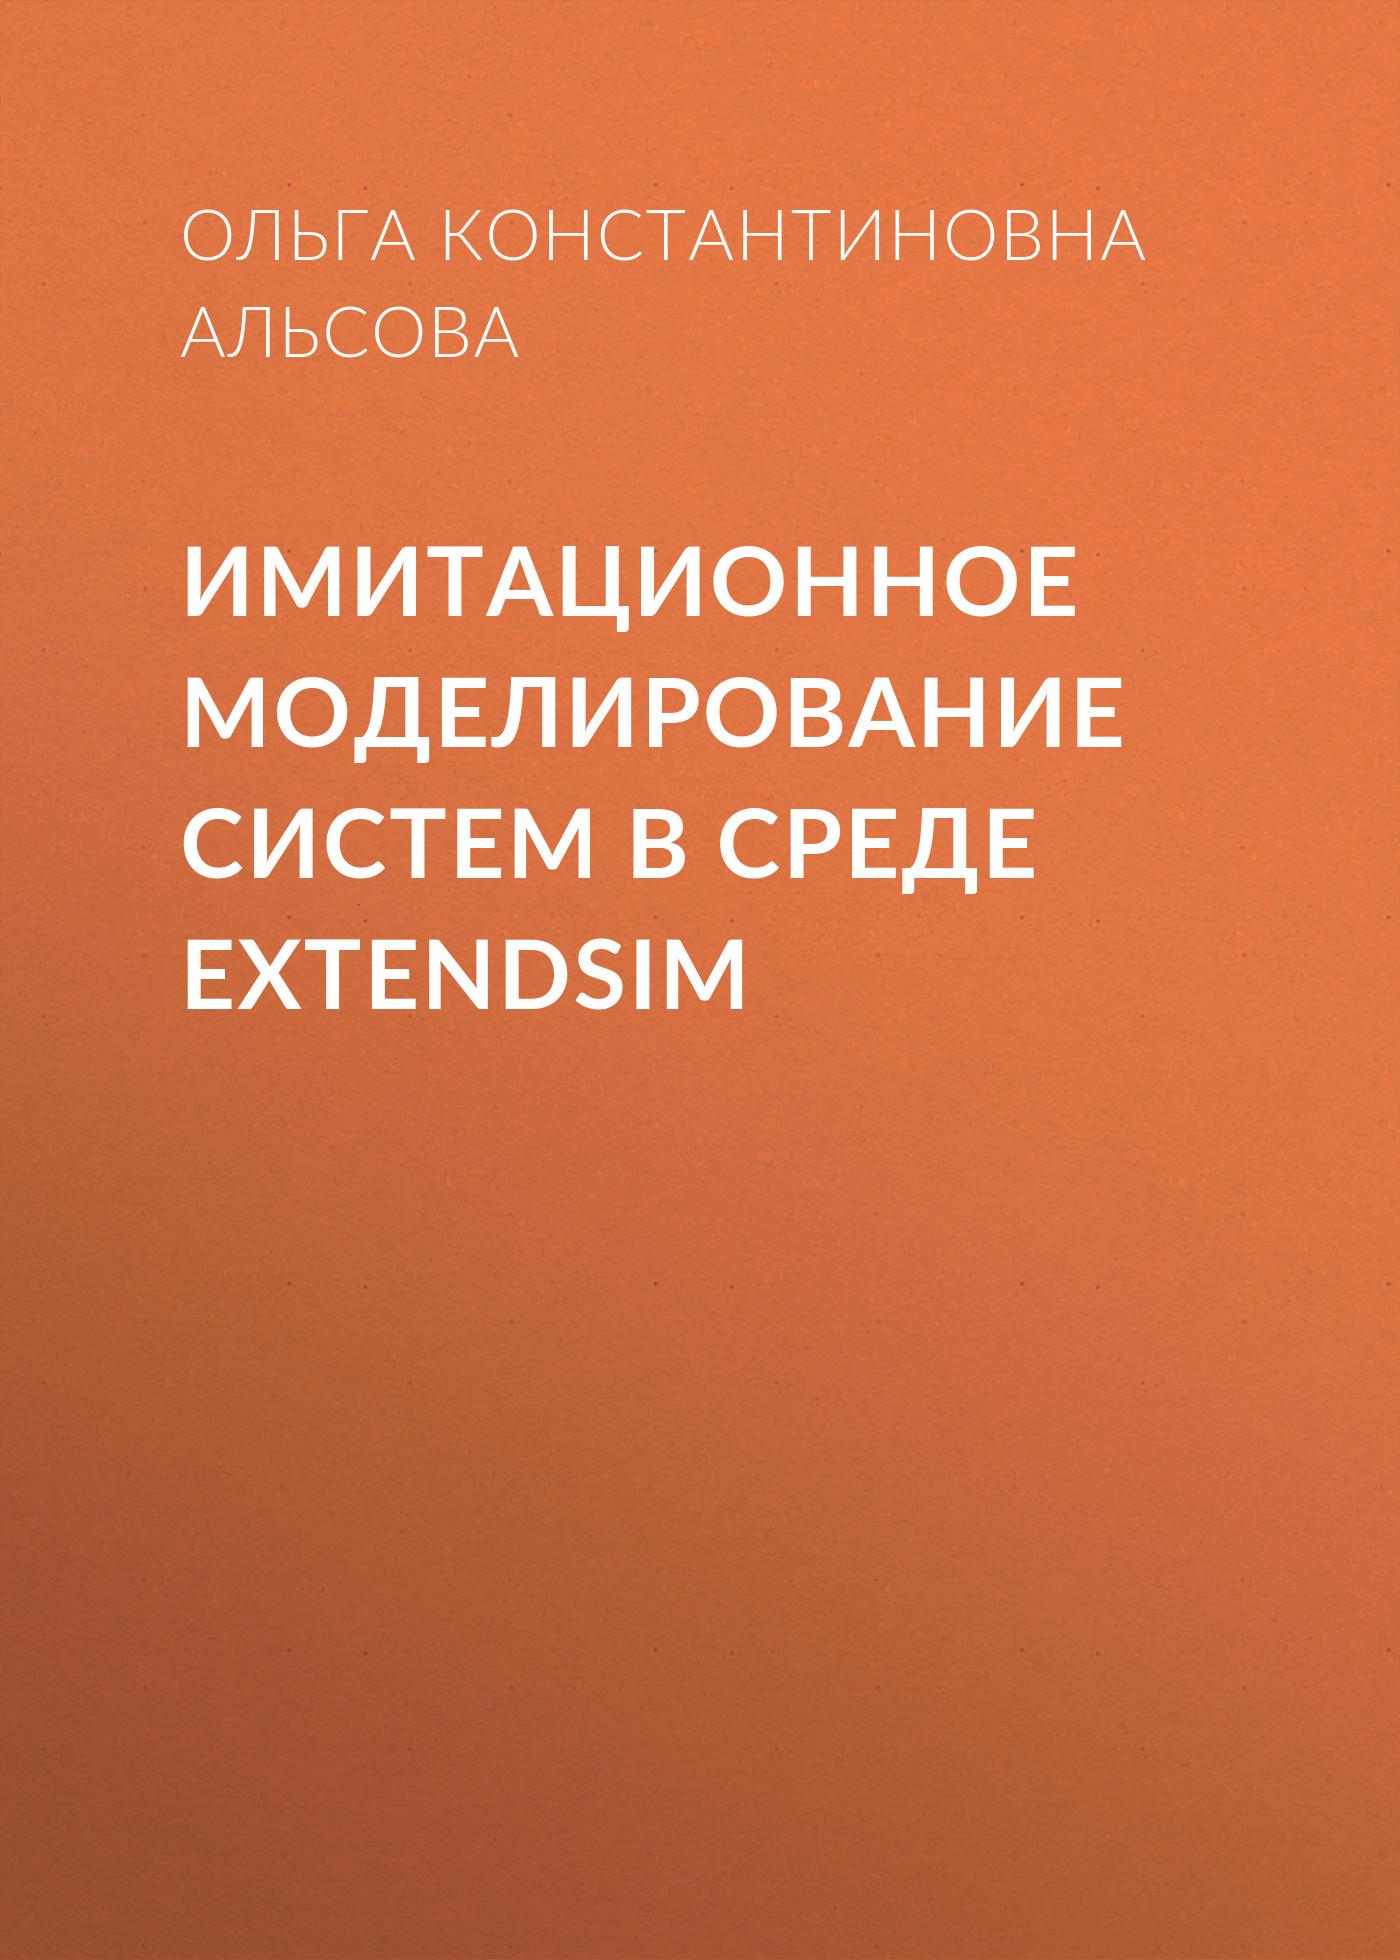 цены Ольга Константиновна Альсова Имитационное моделирование систем в среде ExtendSim